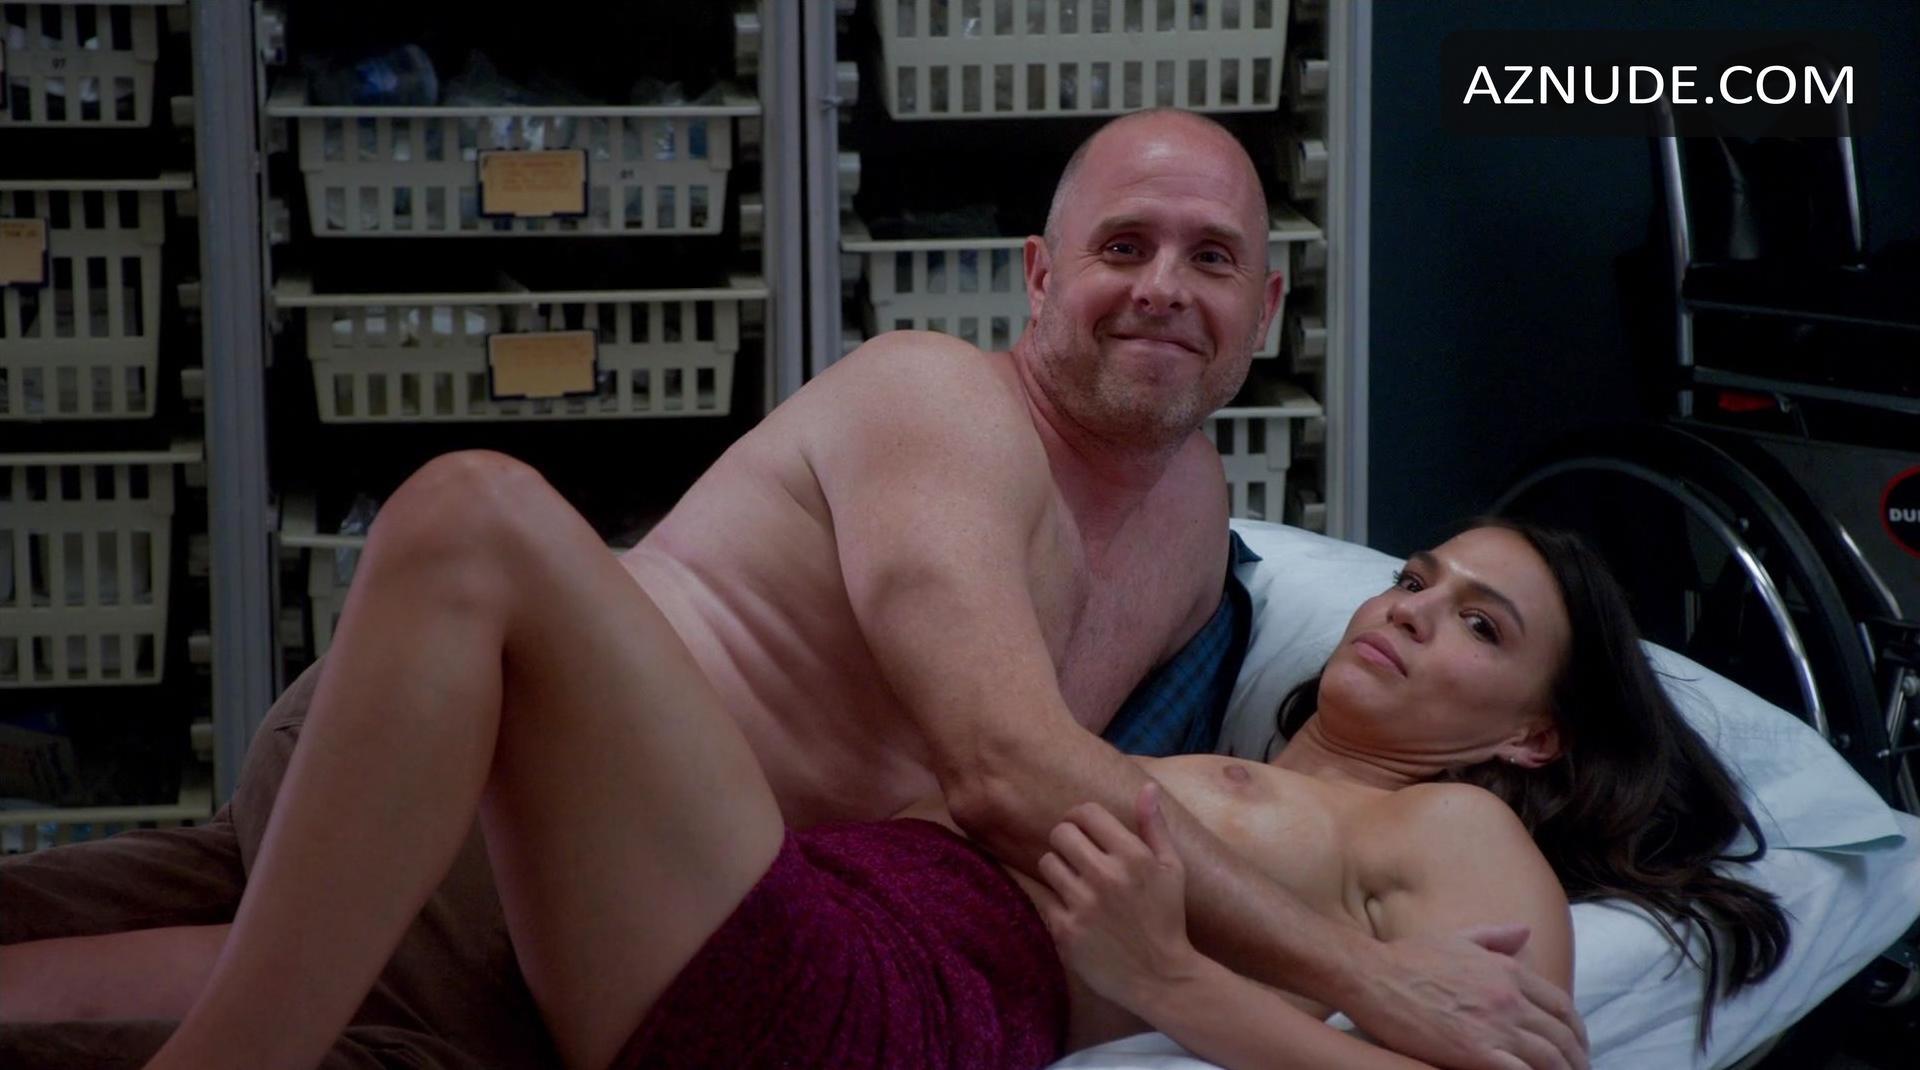 rihanna gets fucked naked